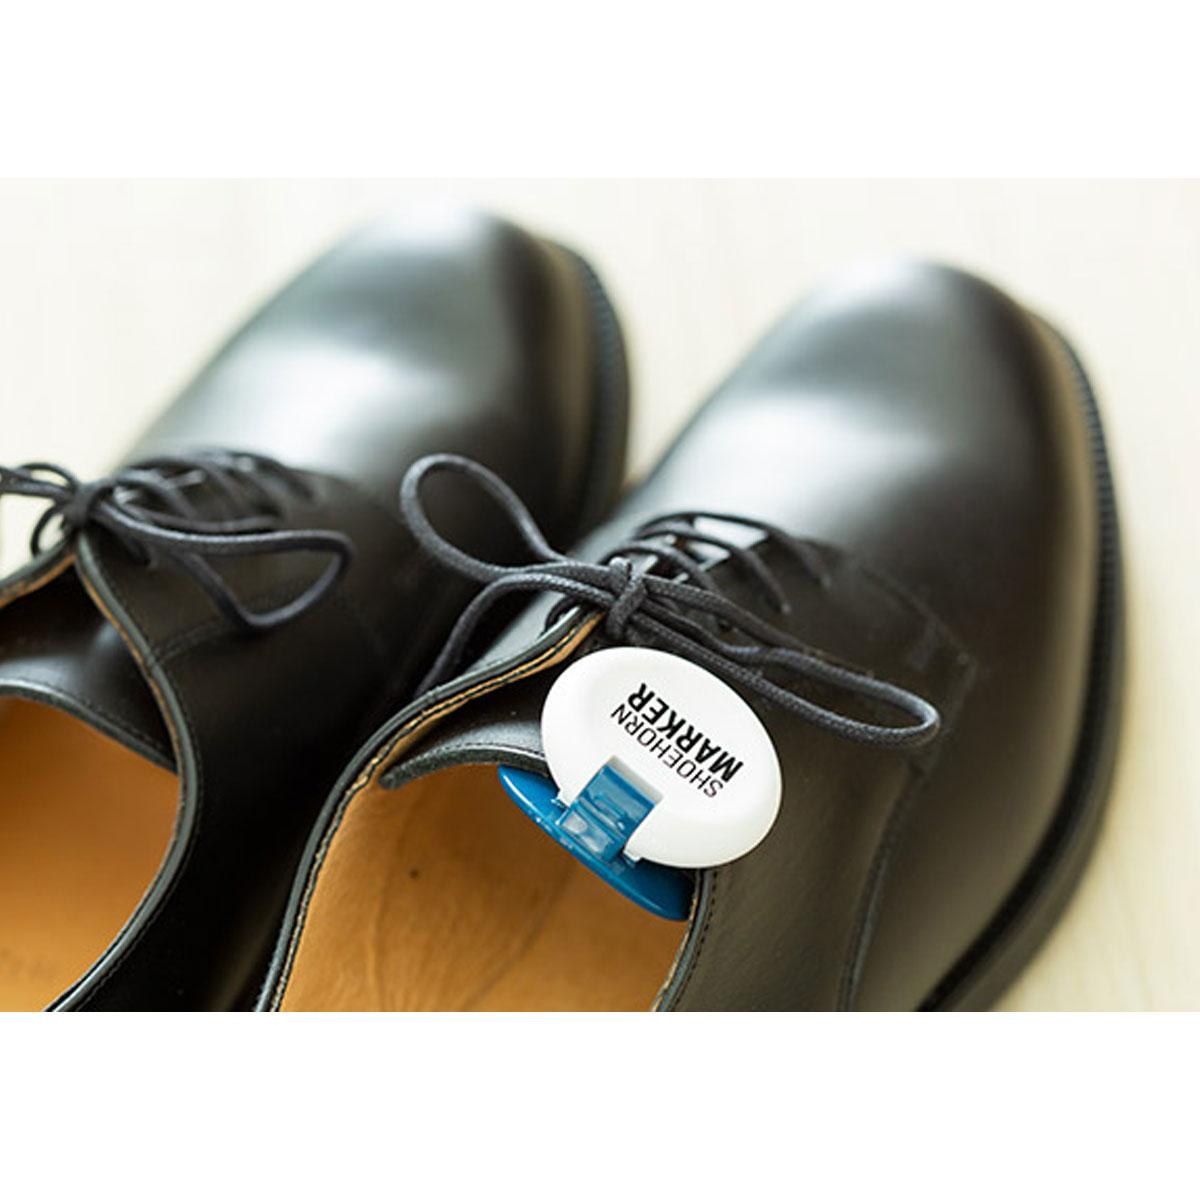 シューズマーカー付き靴ベラ シューホーンマーカー